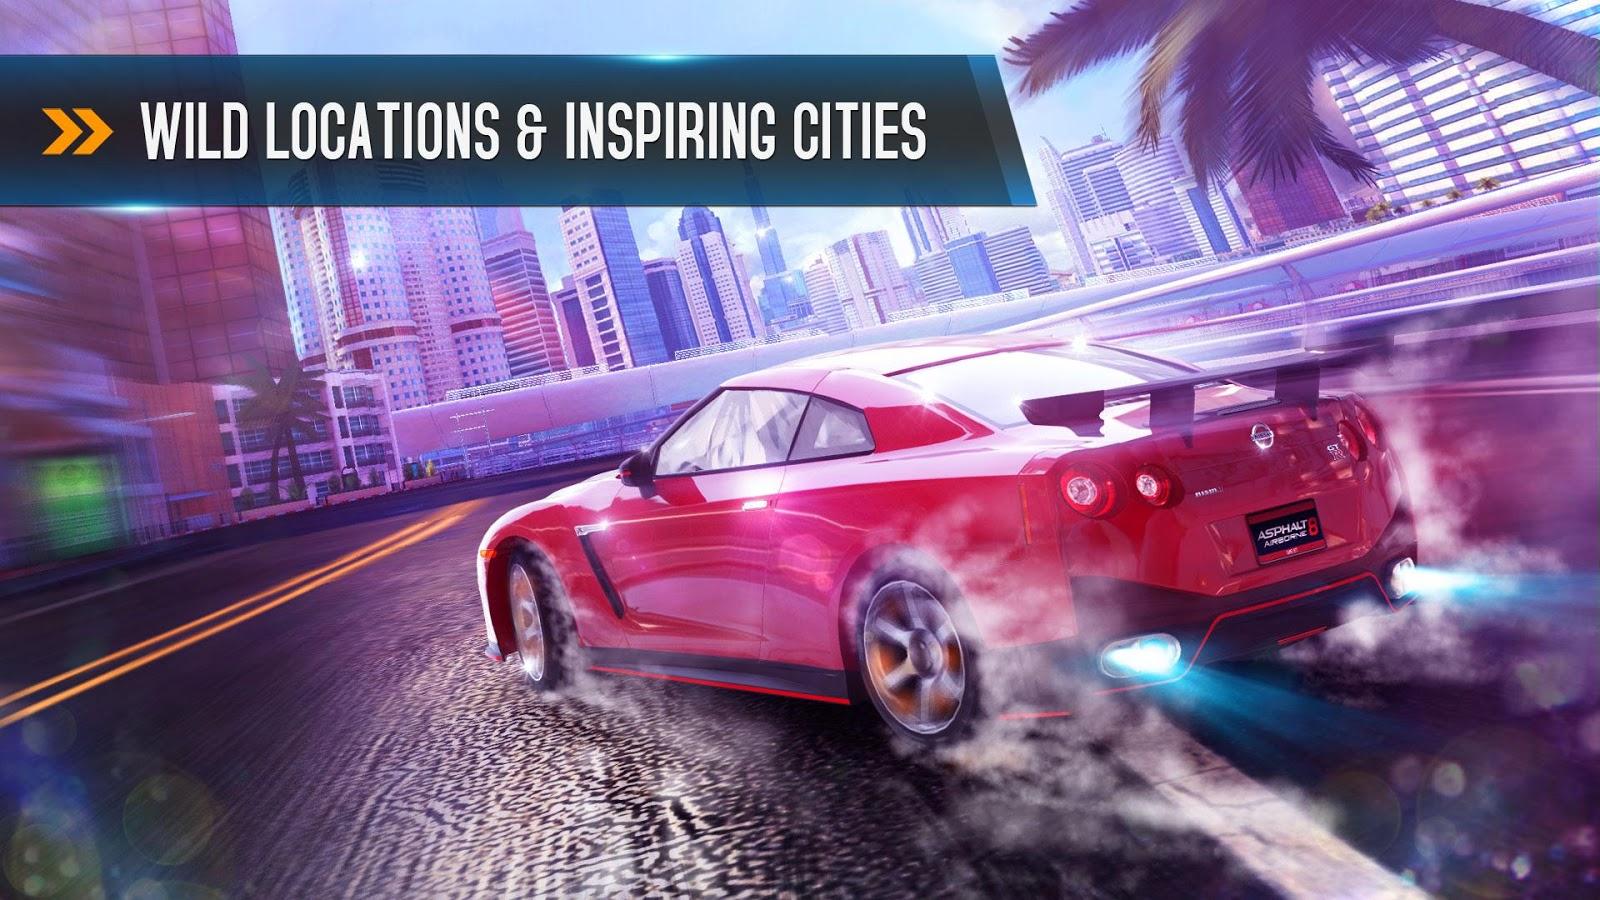 Free download asphalt 8 airborne v2 mod unlimited everything android hd games - Asphalt 8 hd images ...